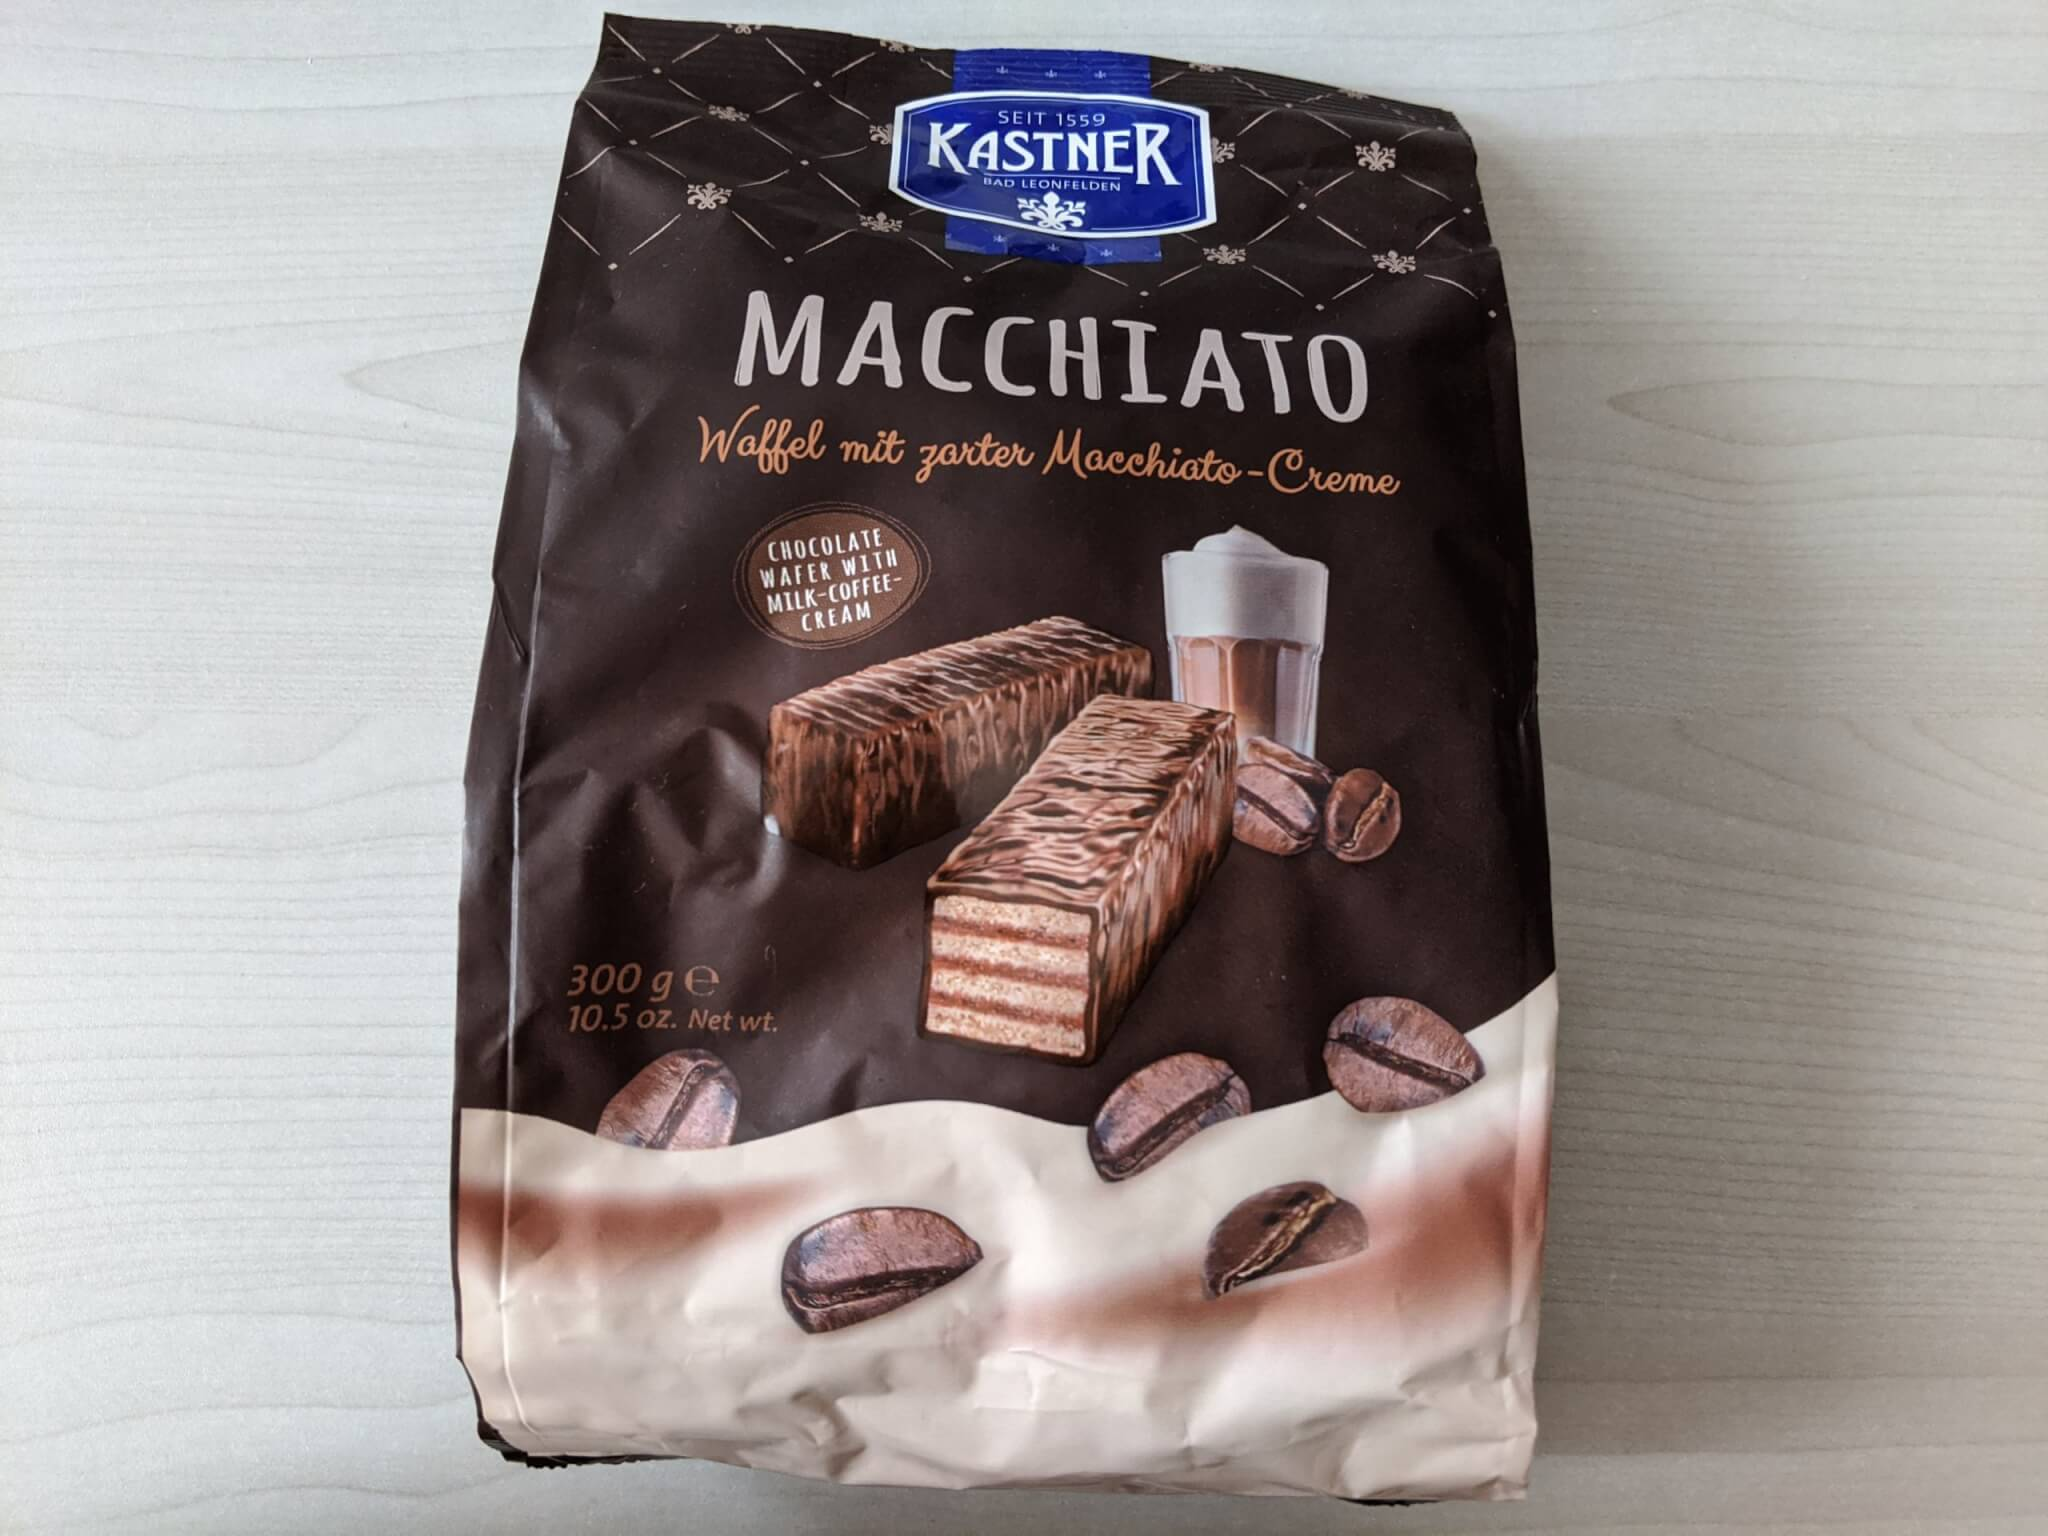 カストナー チョコレートウエハース マッキアート